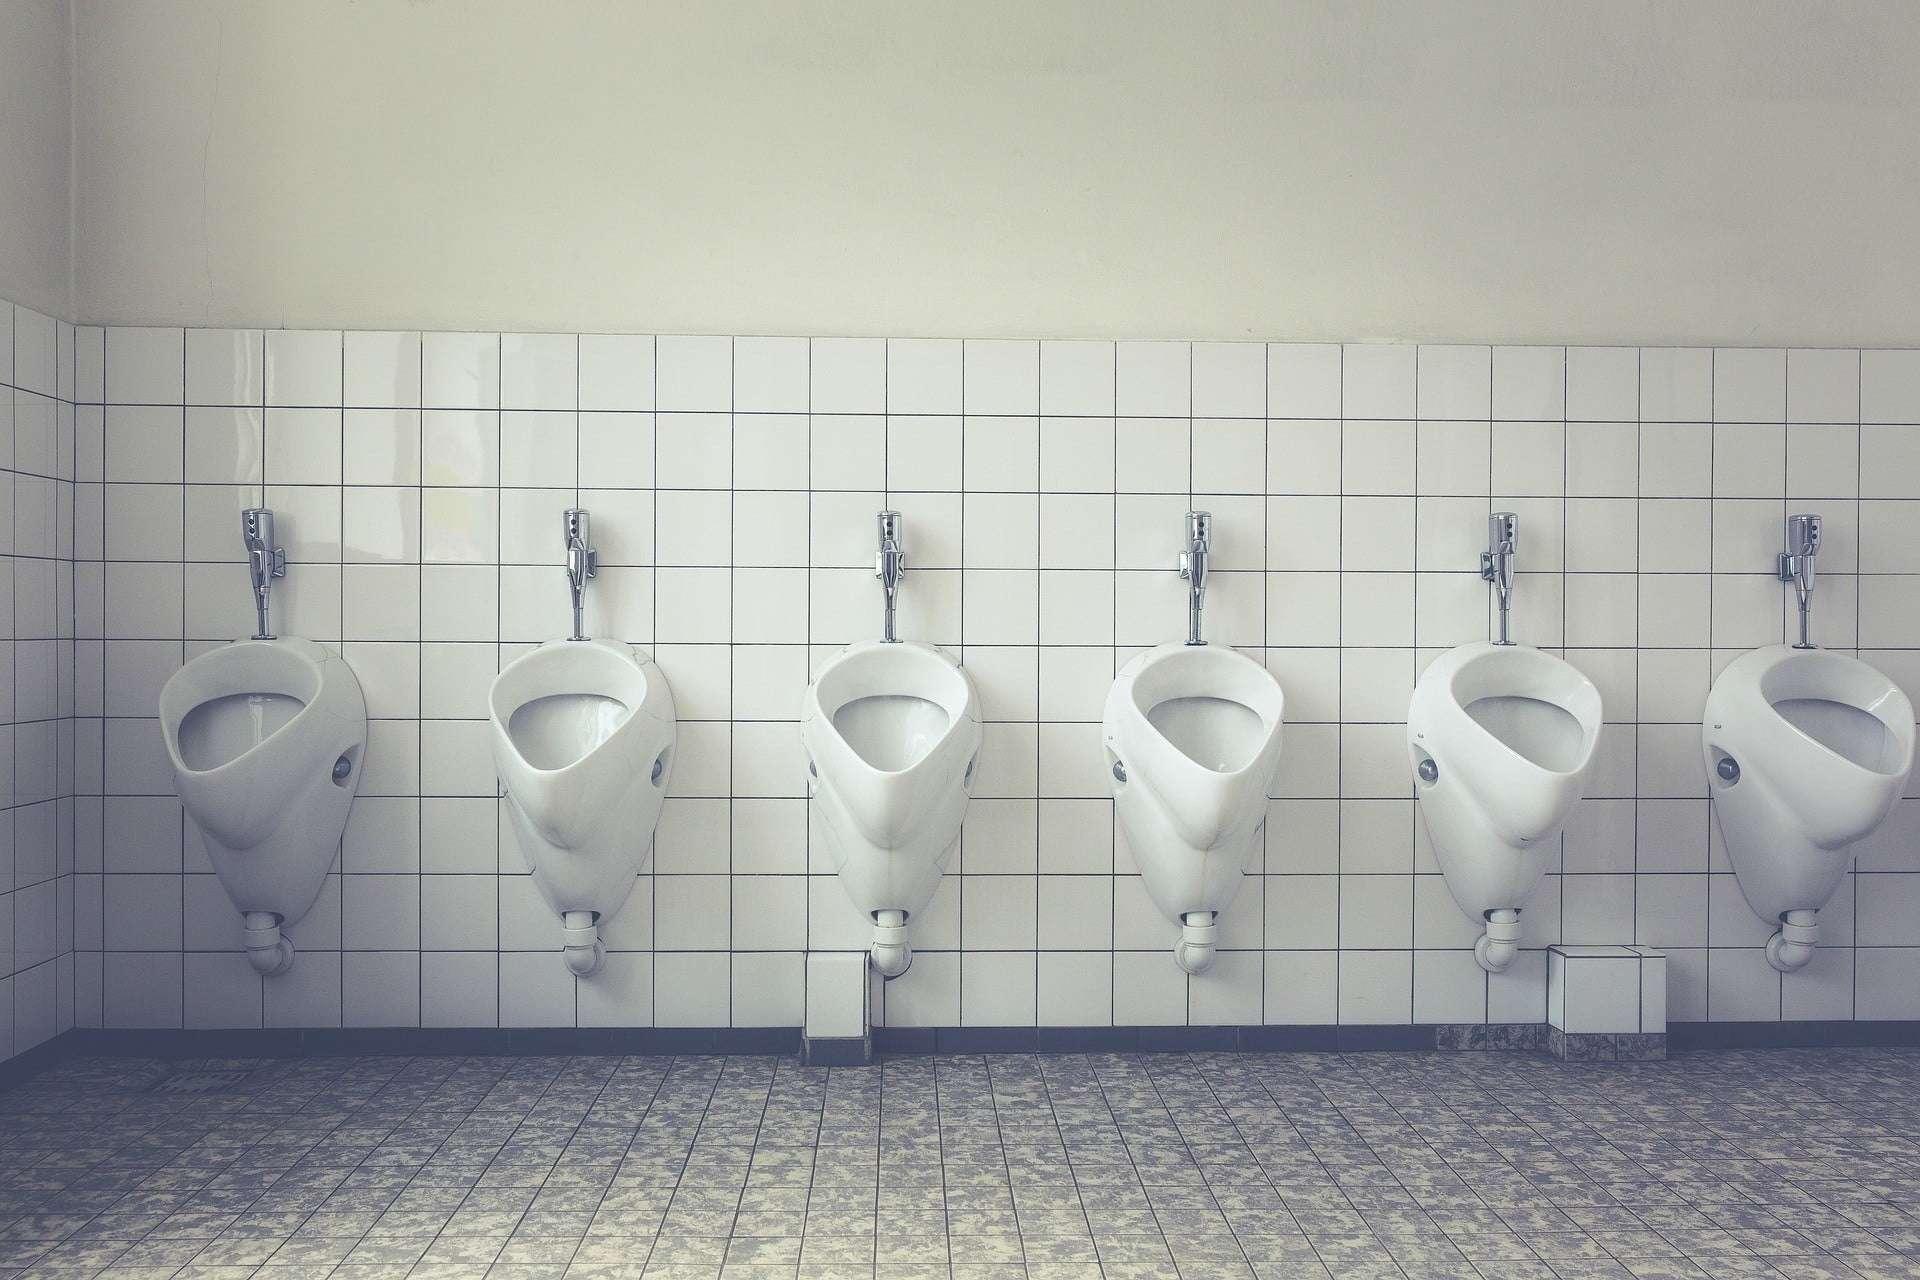 Warum macht ein Urinal mit Deckel Geräusche? - bomaoo